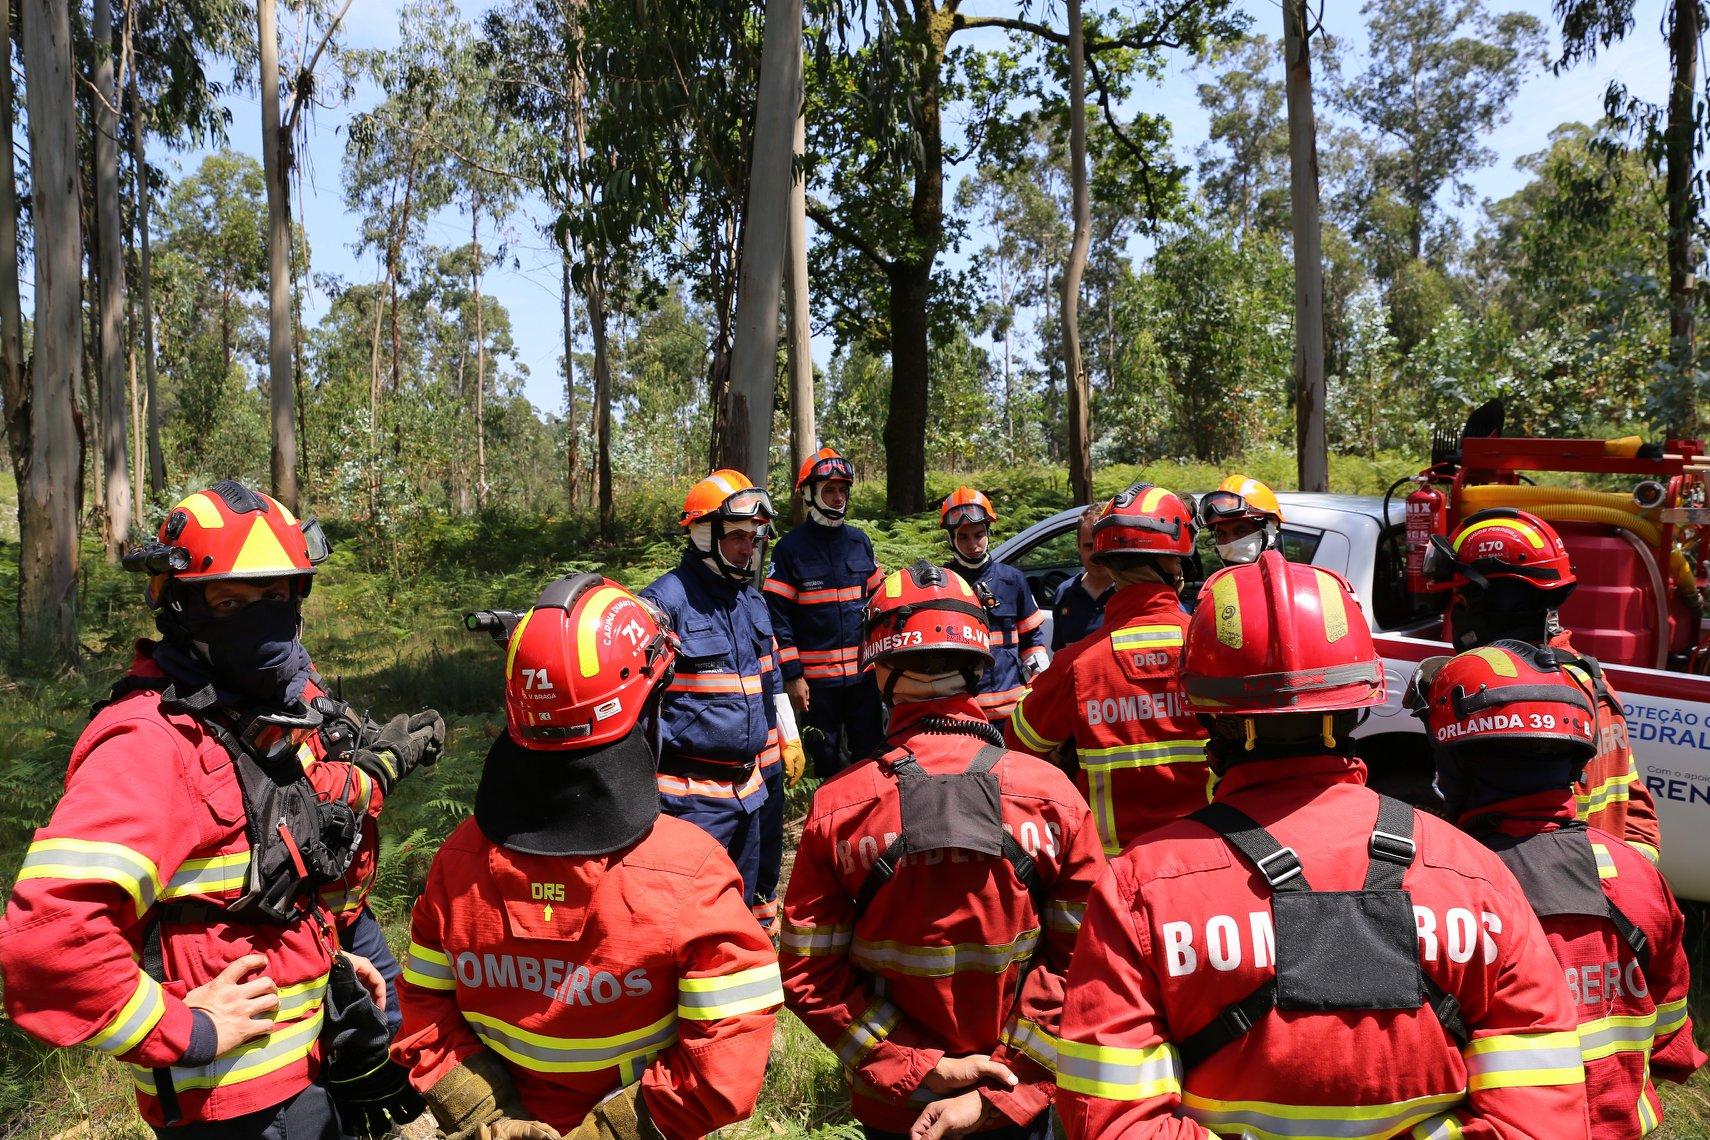 Braga pretende manter adesão ao programa das Nações Unidas para redução do risco de catástrofes